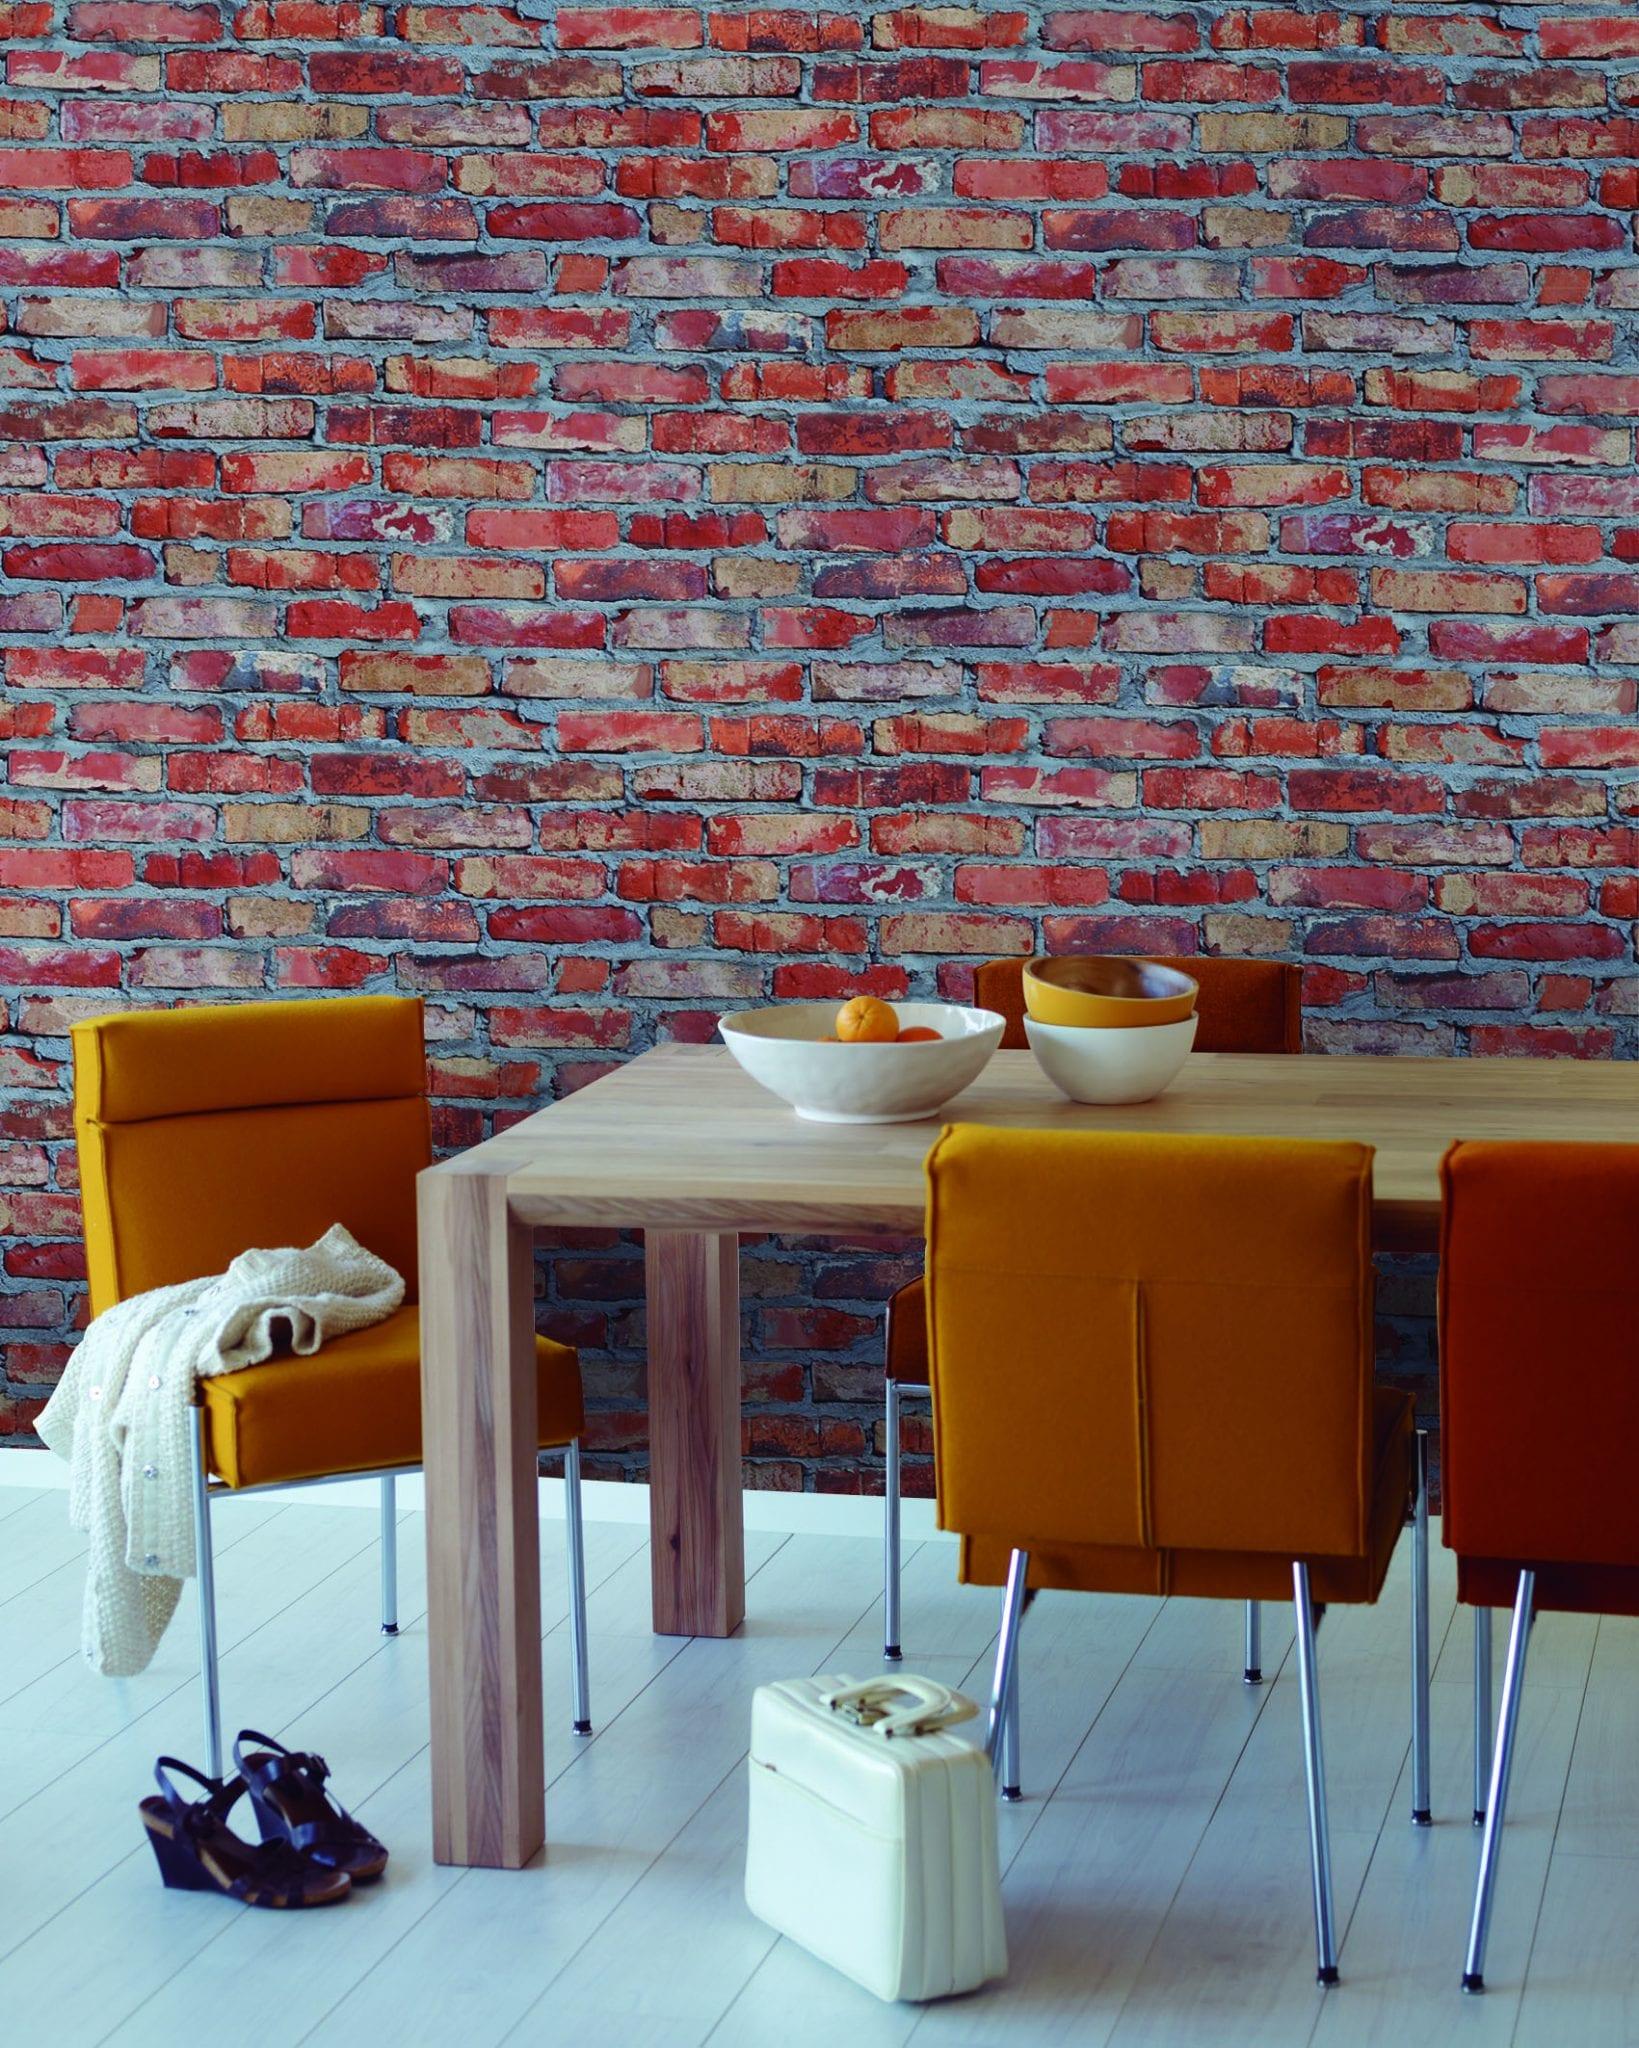 Papel mural vinilizado zen ladrillo 3475 1 cinthiasa for Papel mural autoadhesivo santiago